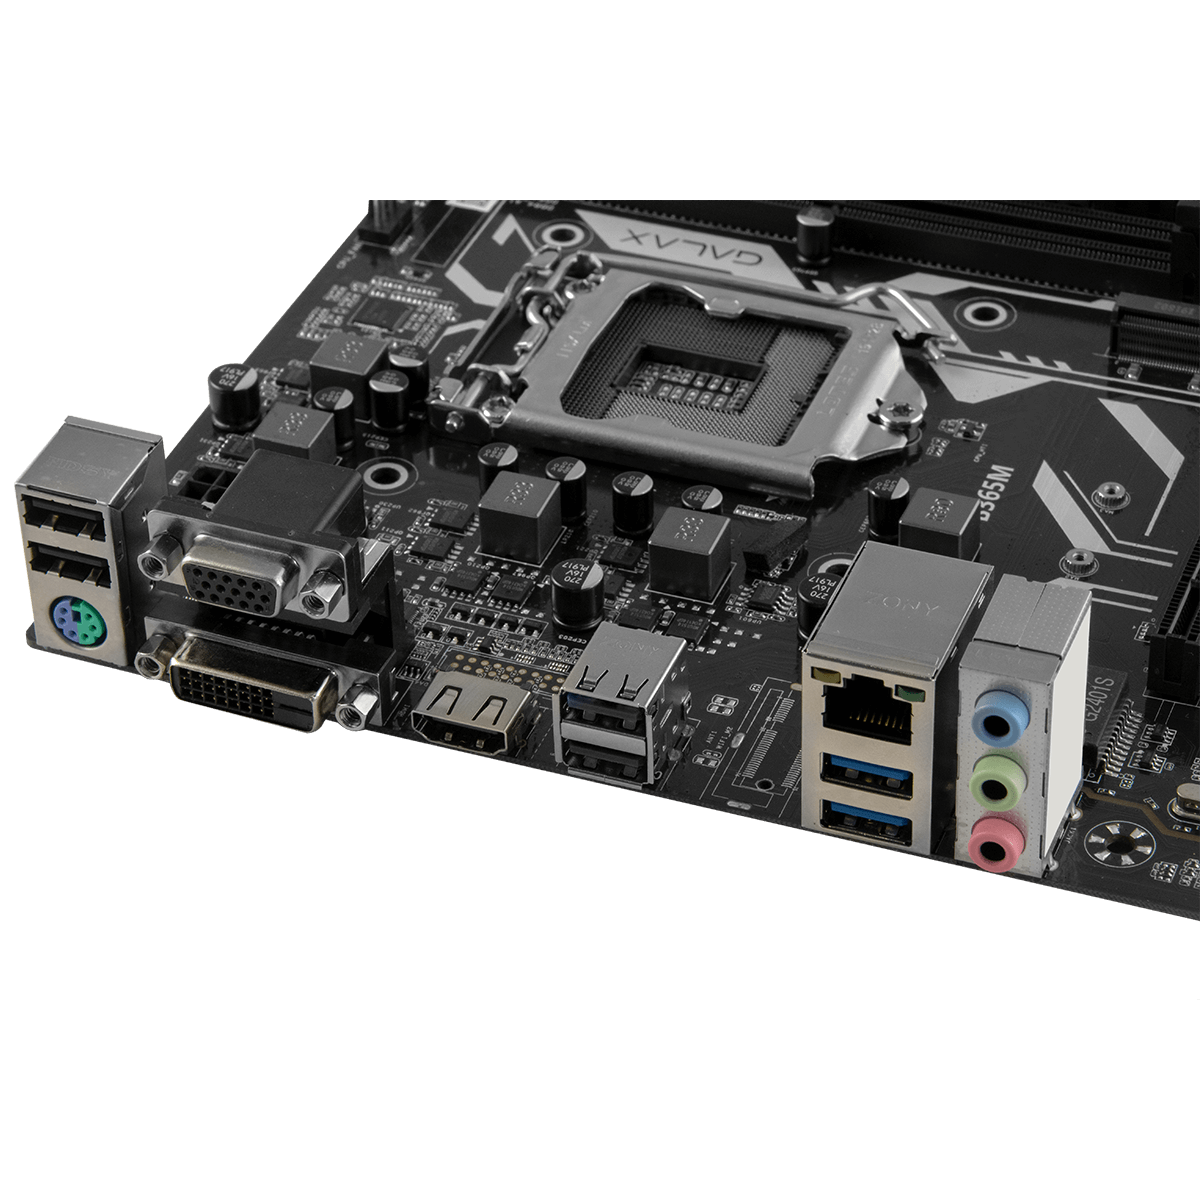 Placa Mãe Galax B365M, Chipset B365, Intel LGA 1151, mATX, DDR4, IB365MAGCHJ1CW